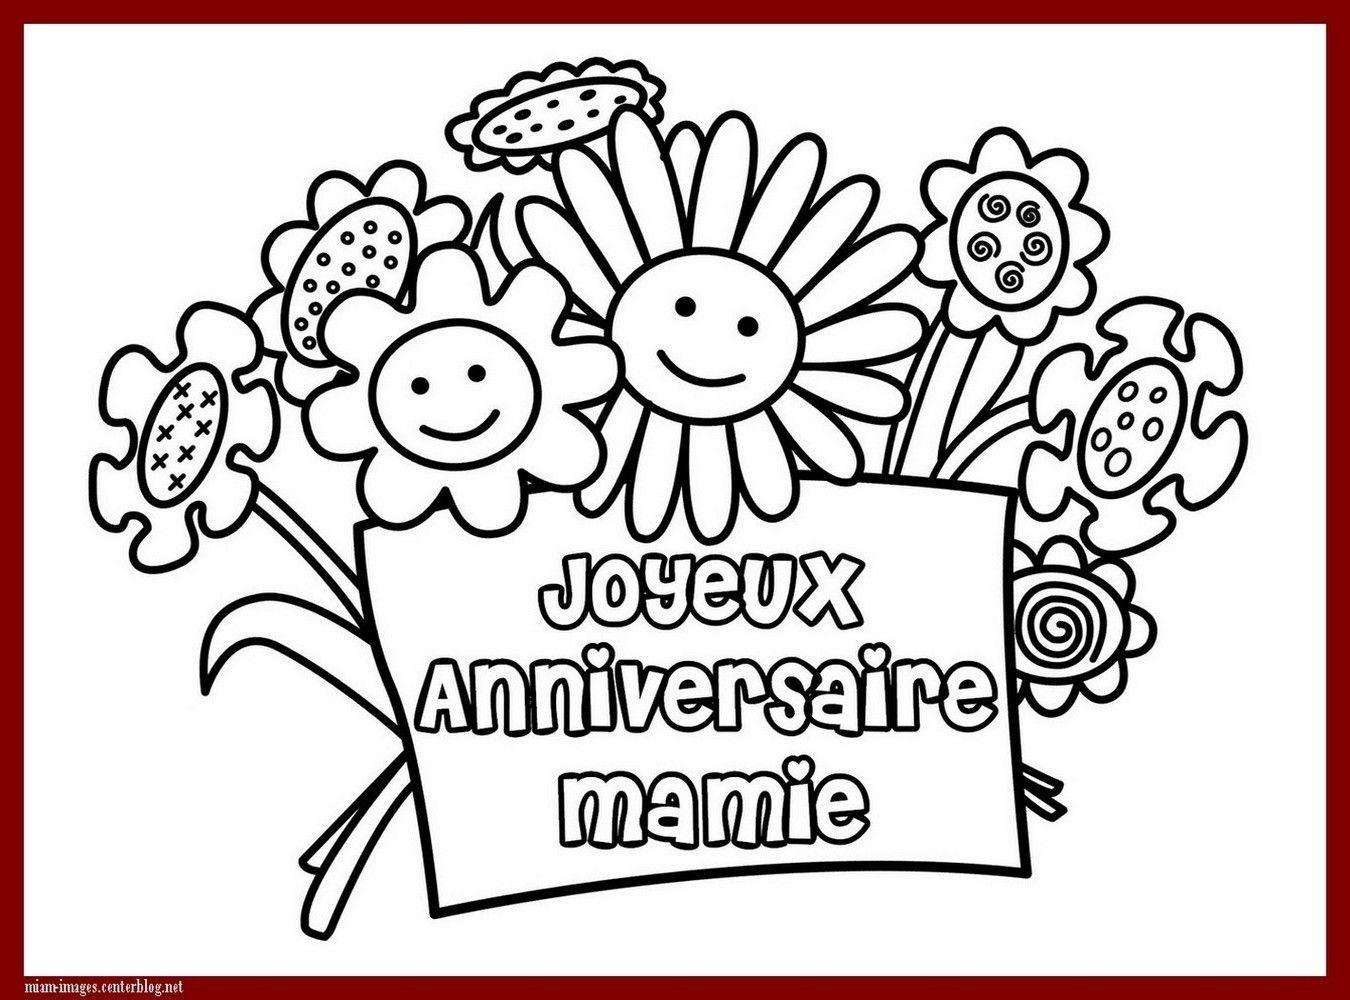 Imprimer Carte Anniversaire Mamie - Elevagequalitetouraine destiné Coloriage Bonne Fete Mamie